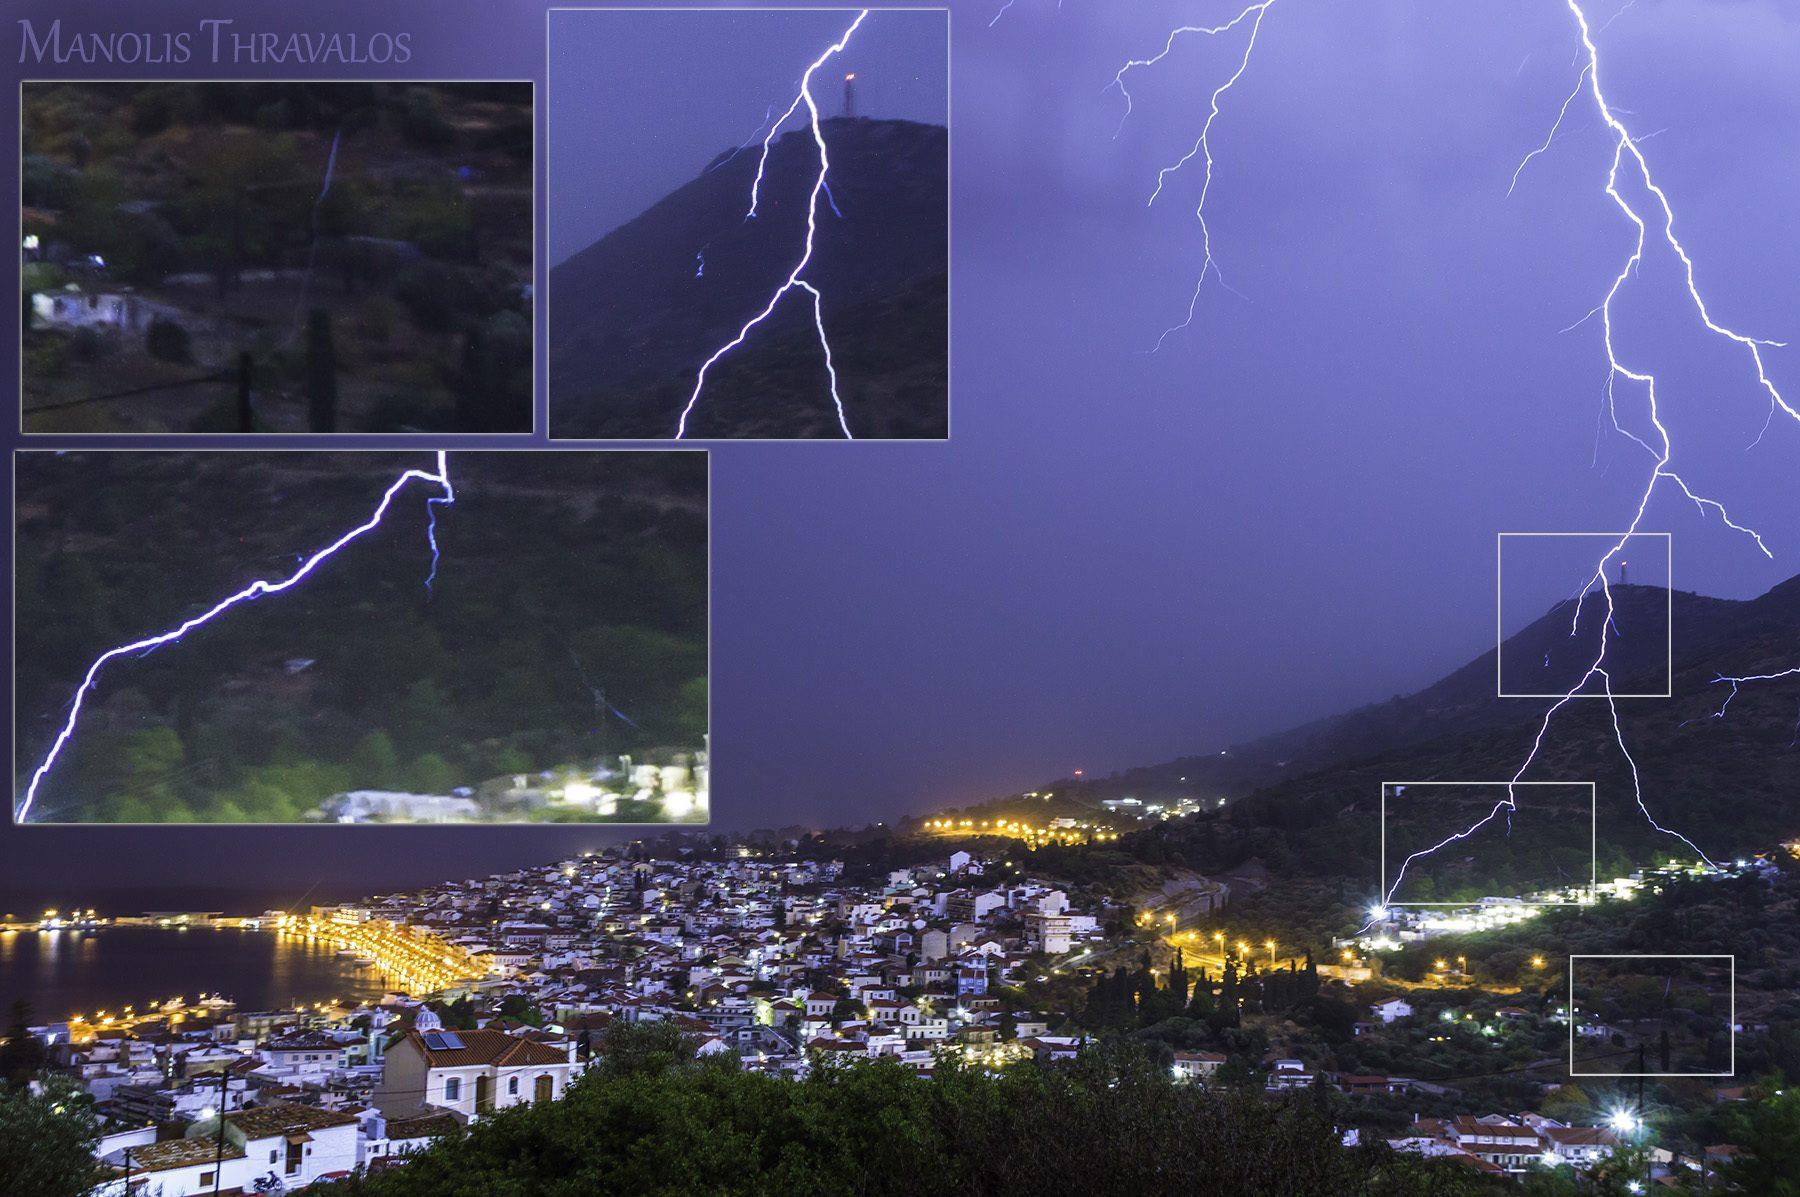 Καταιγίδα - Κοντινός κεραυνός με εκπληκτική λεπτομέρεια στην αποτύπωση